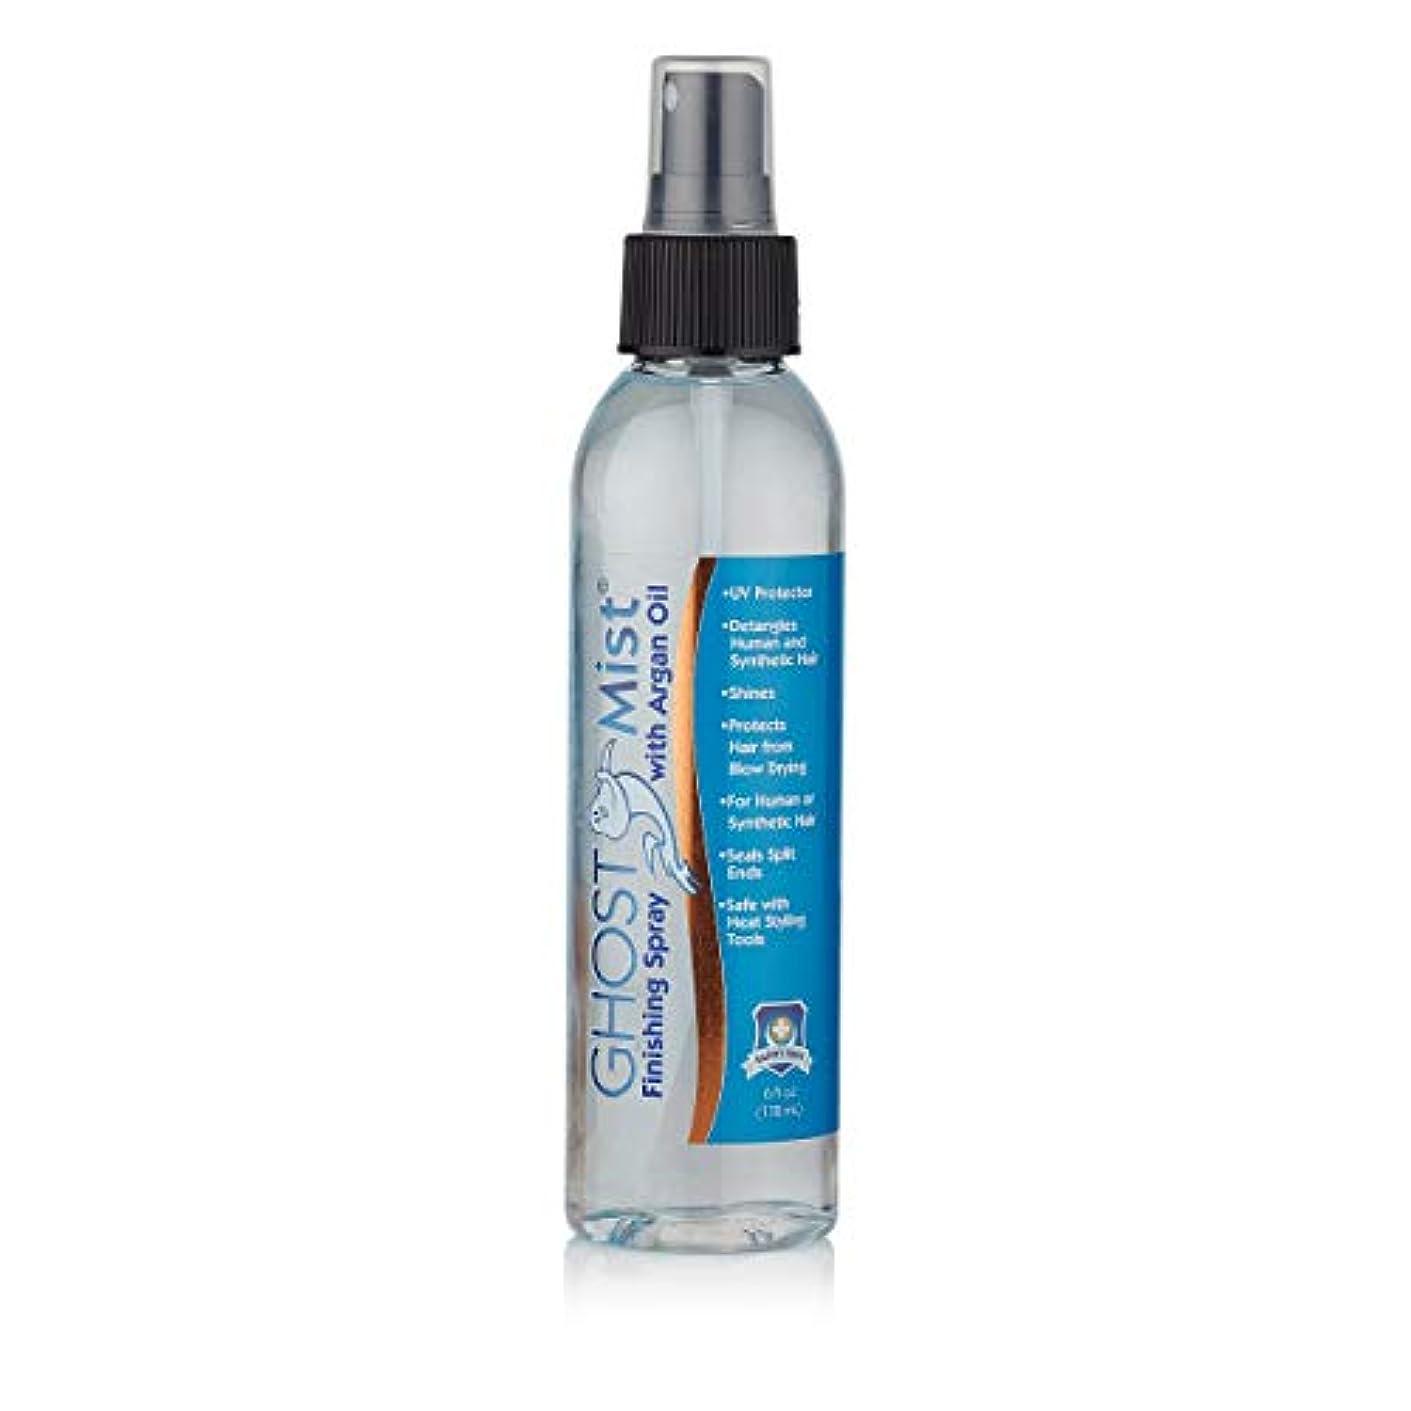 送料モンゴメリー糞Professional Hair Labs ゴーストミスト|ヘア&ウィッグ用アルガンオイル|ヘア&ウィッグプロテクター(6オンス)